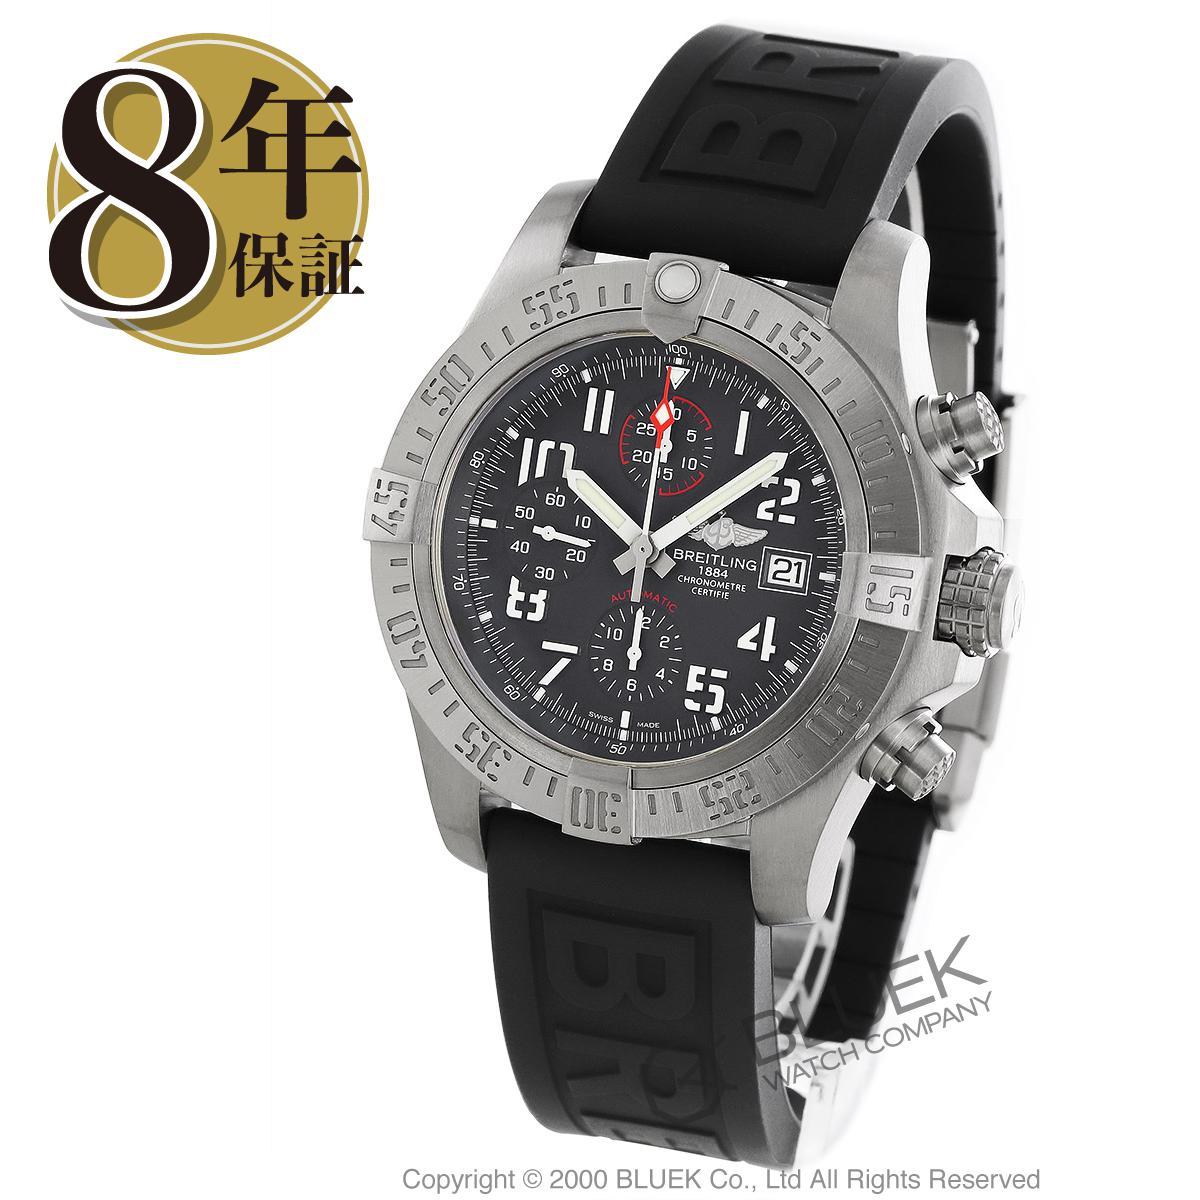 ブライトリング アベンジャー バンディット クロノグラフ 300m防水 腕時計 メンズ BREITLING E334M36VRE_8